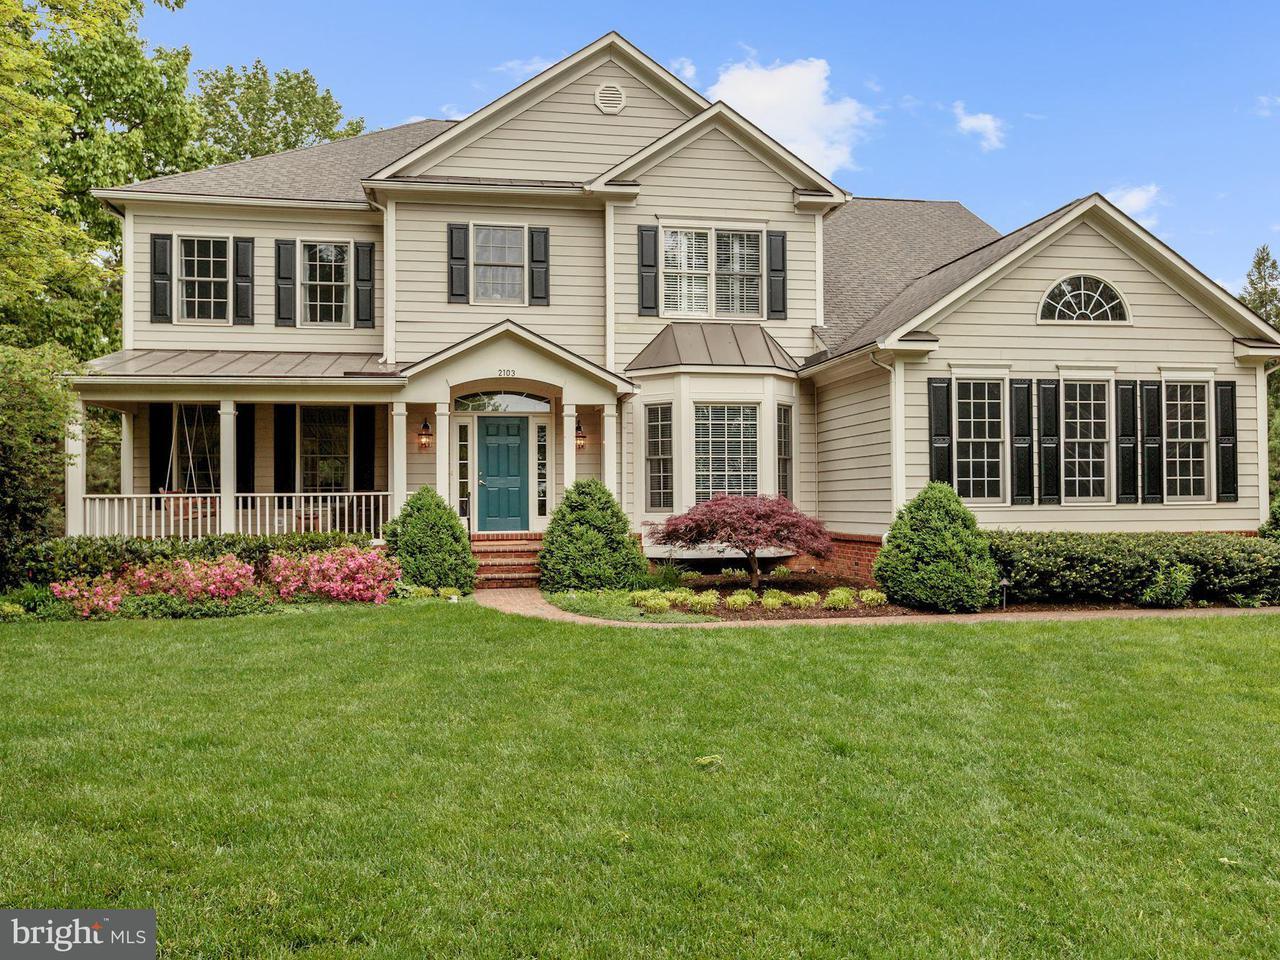 Частный односемейный дом для того Продажа на 2103 Powhatan Street 2103 Powhatan Street Falls Church, Виргиния 22043 Соединенные Штаты